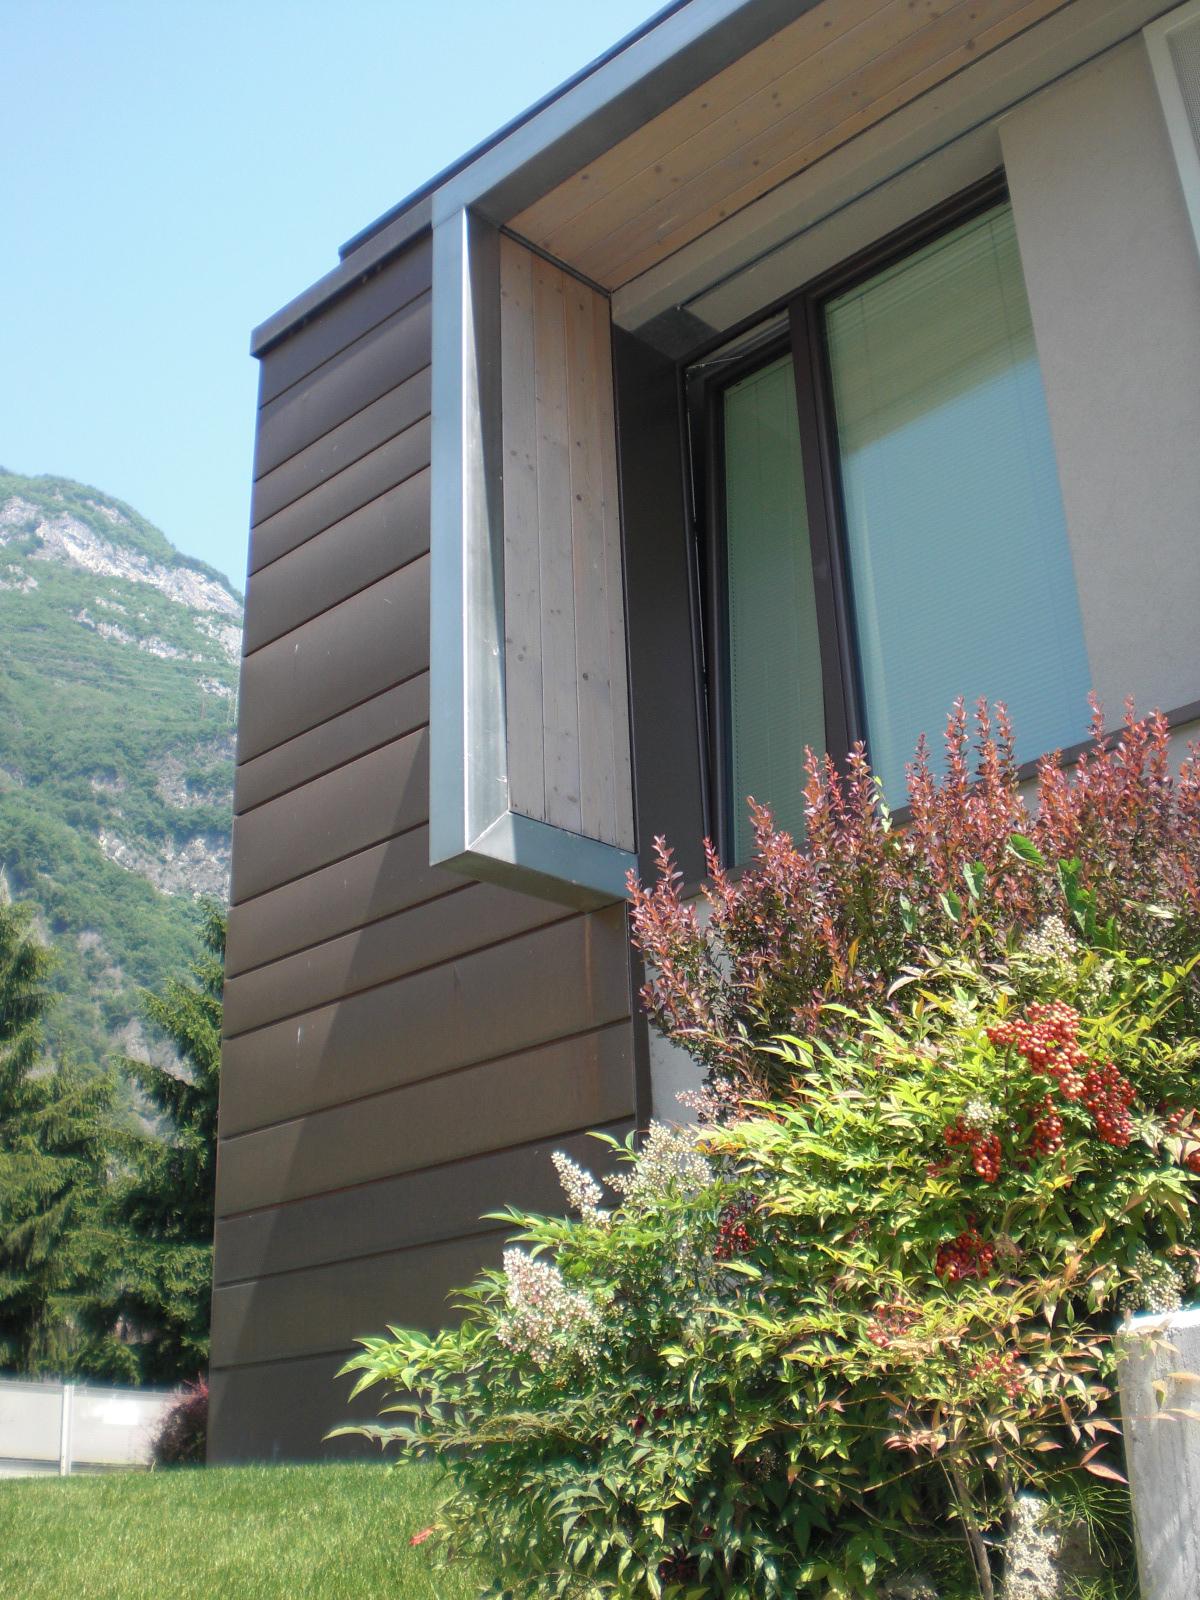 Studio-di-architettura-Baisotti-Sigala-prgetti79